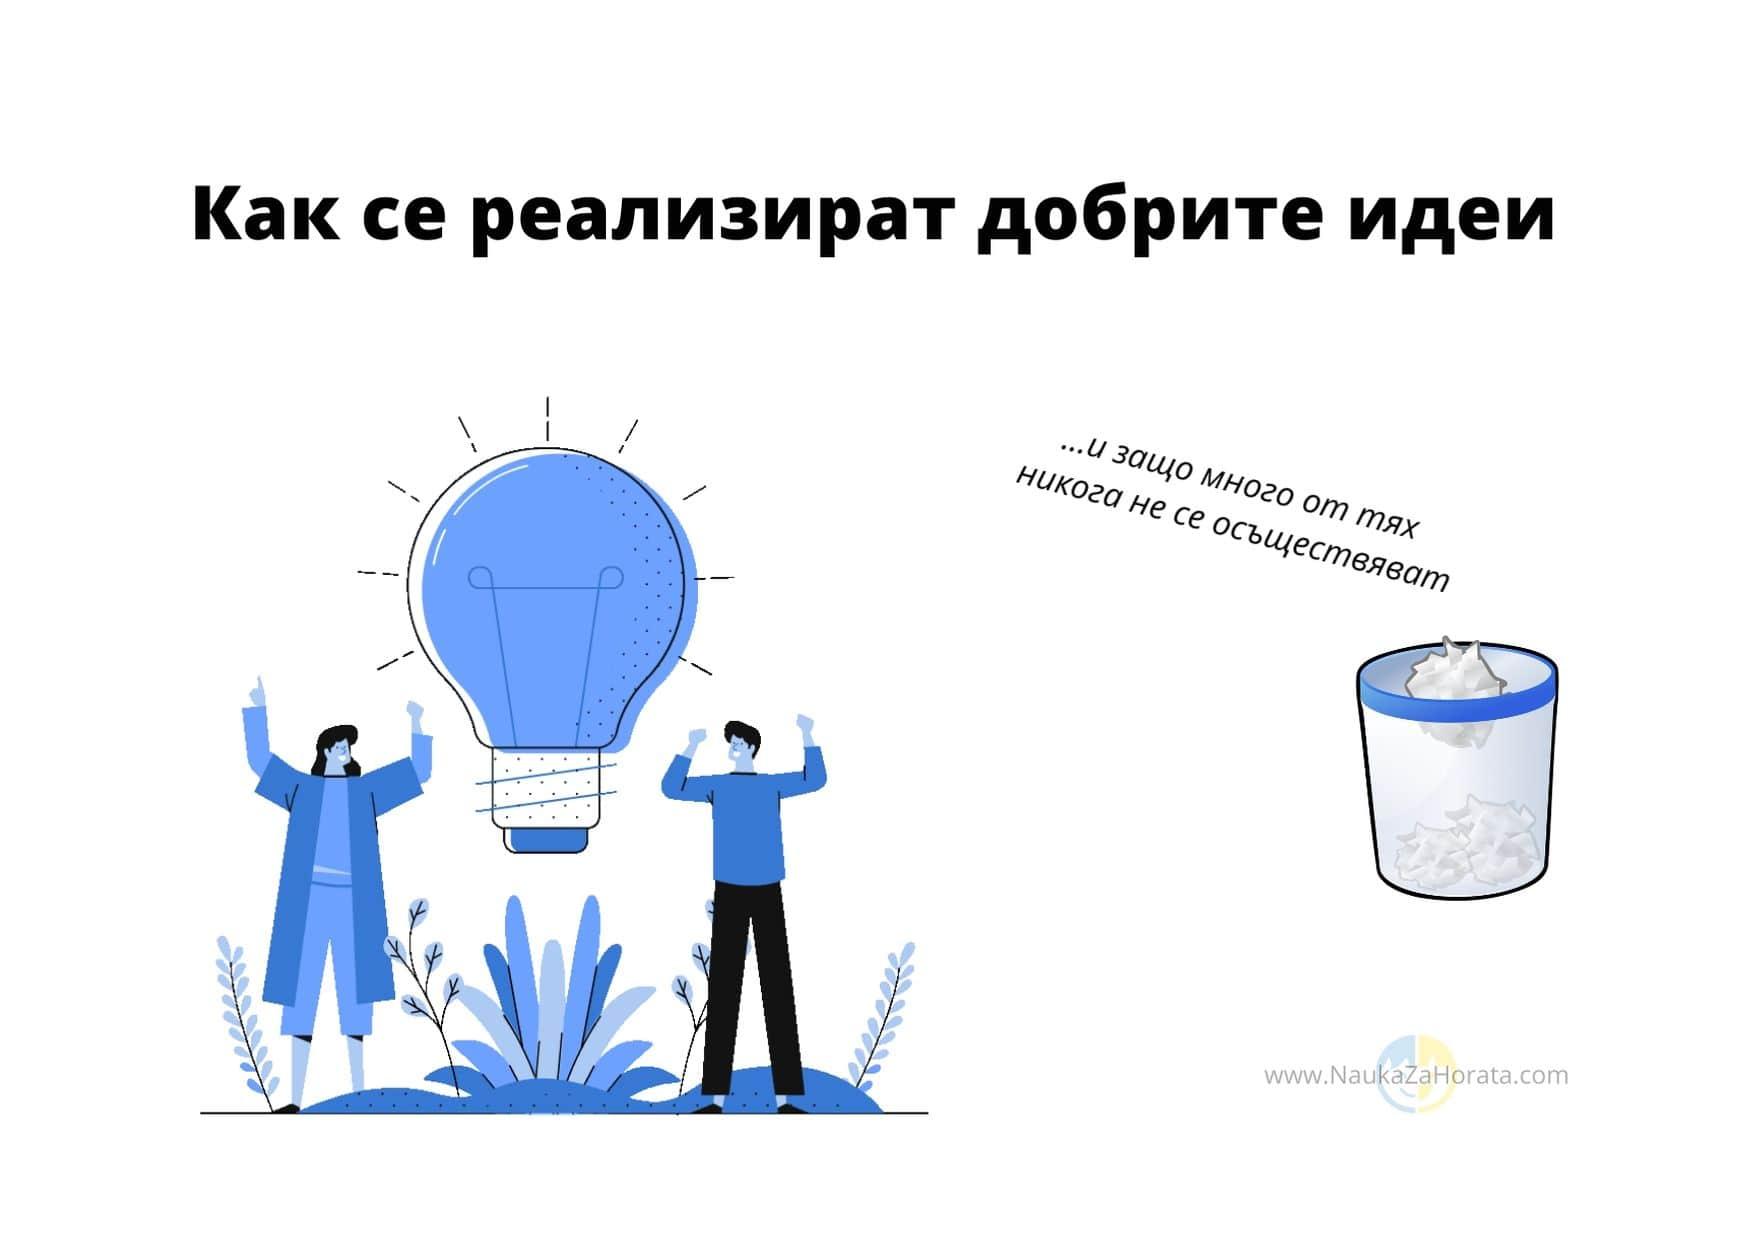 Как се реализират добрите идеи мъж и жена имат добра идея